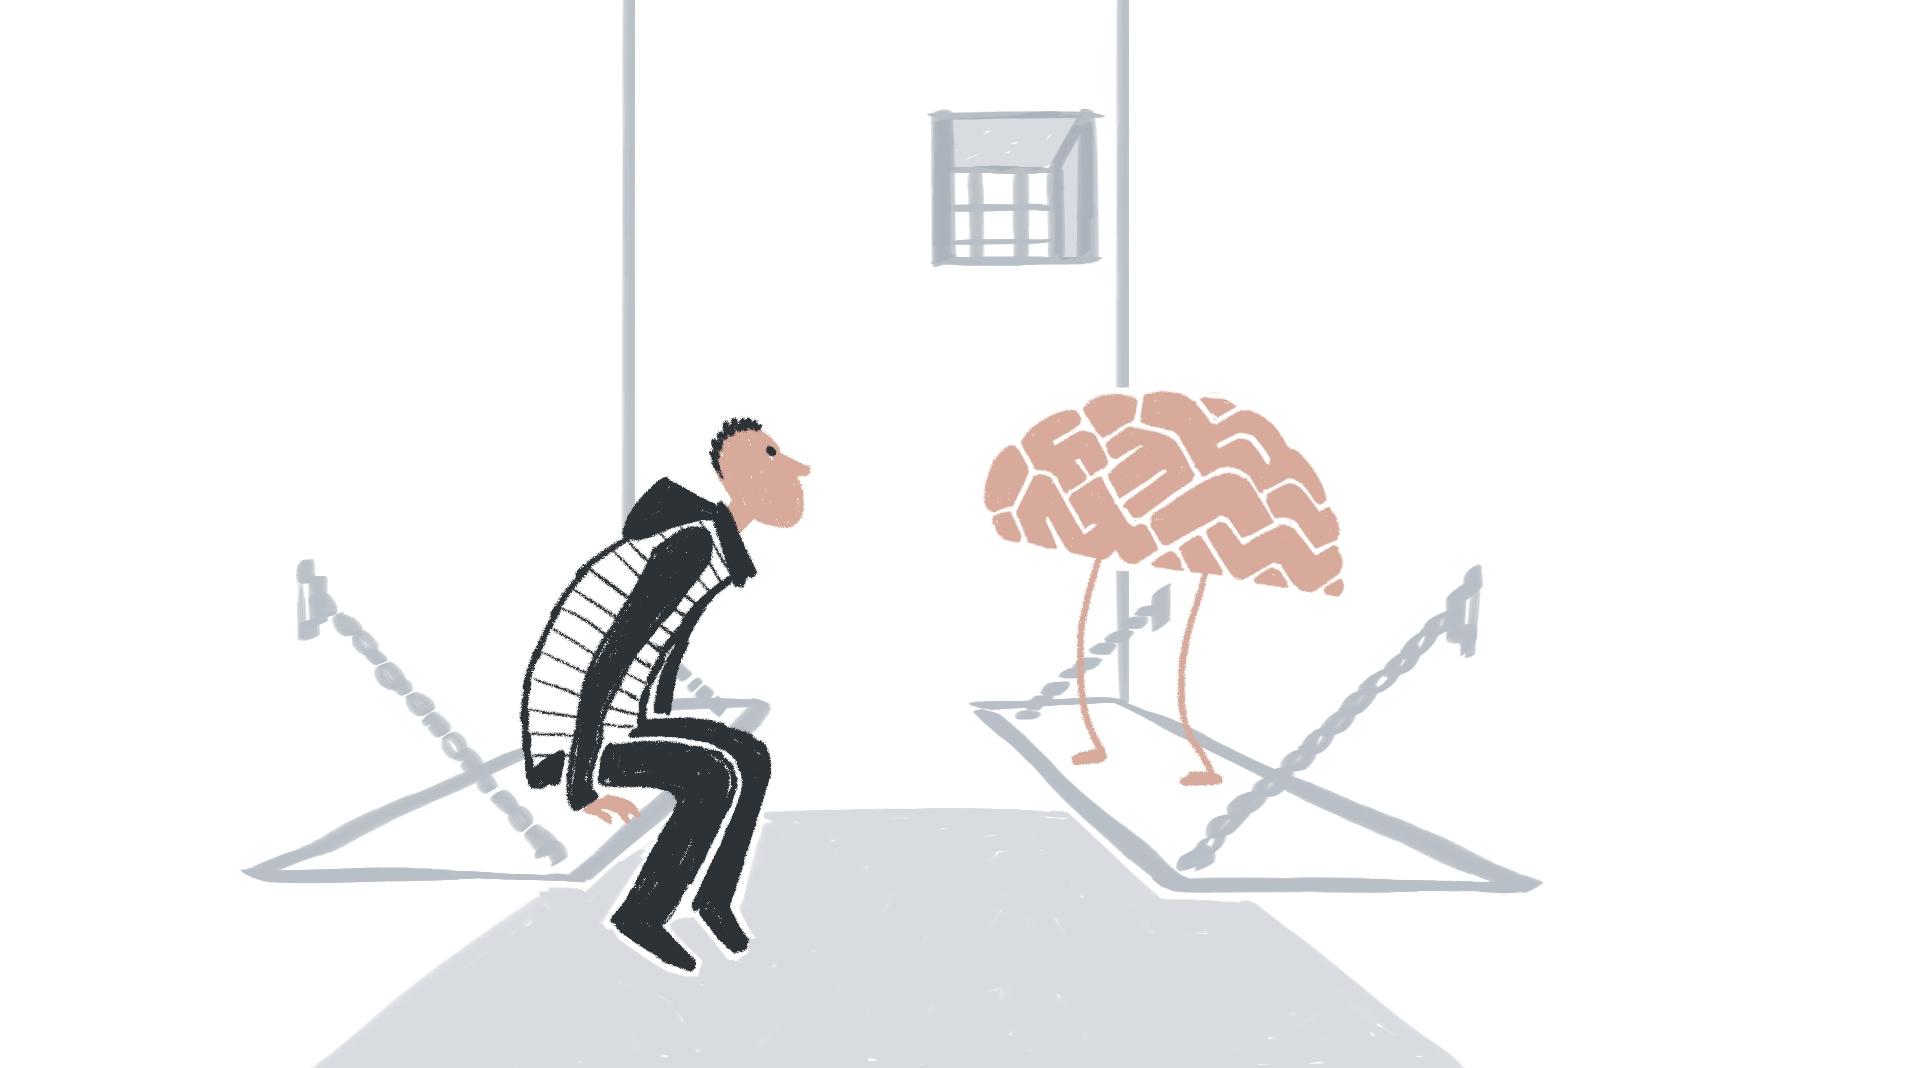 De parabel van het brein dat een moord pleegde | Peter Moleman